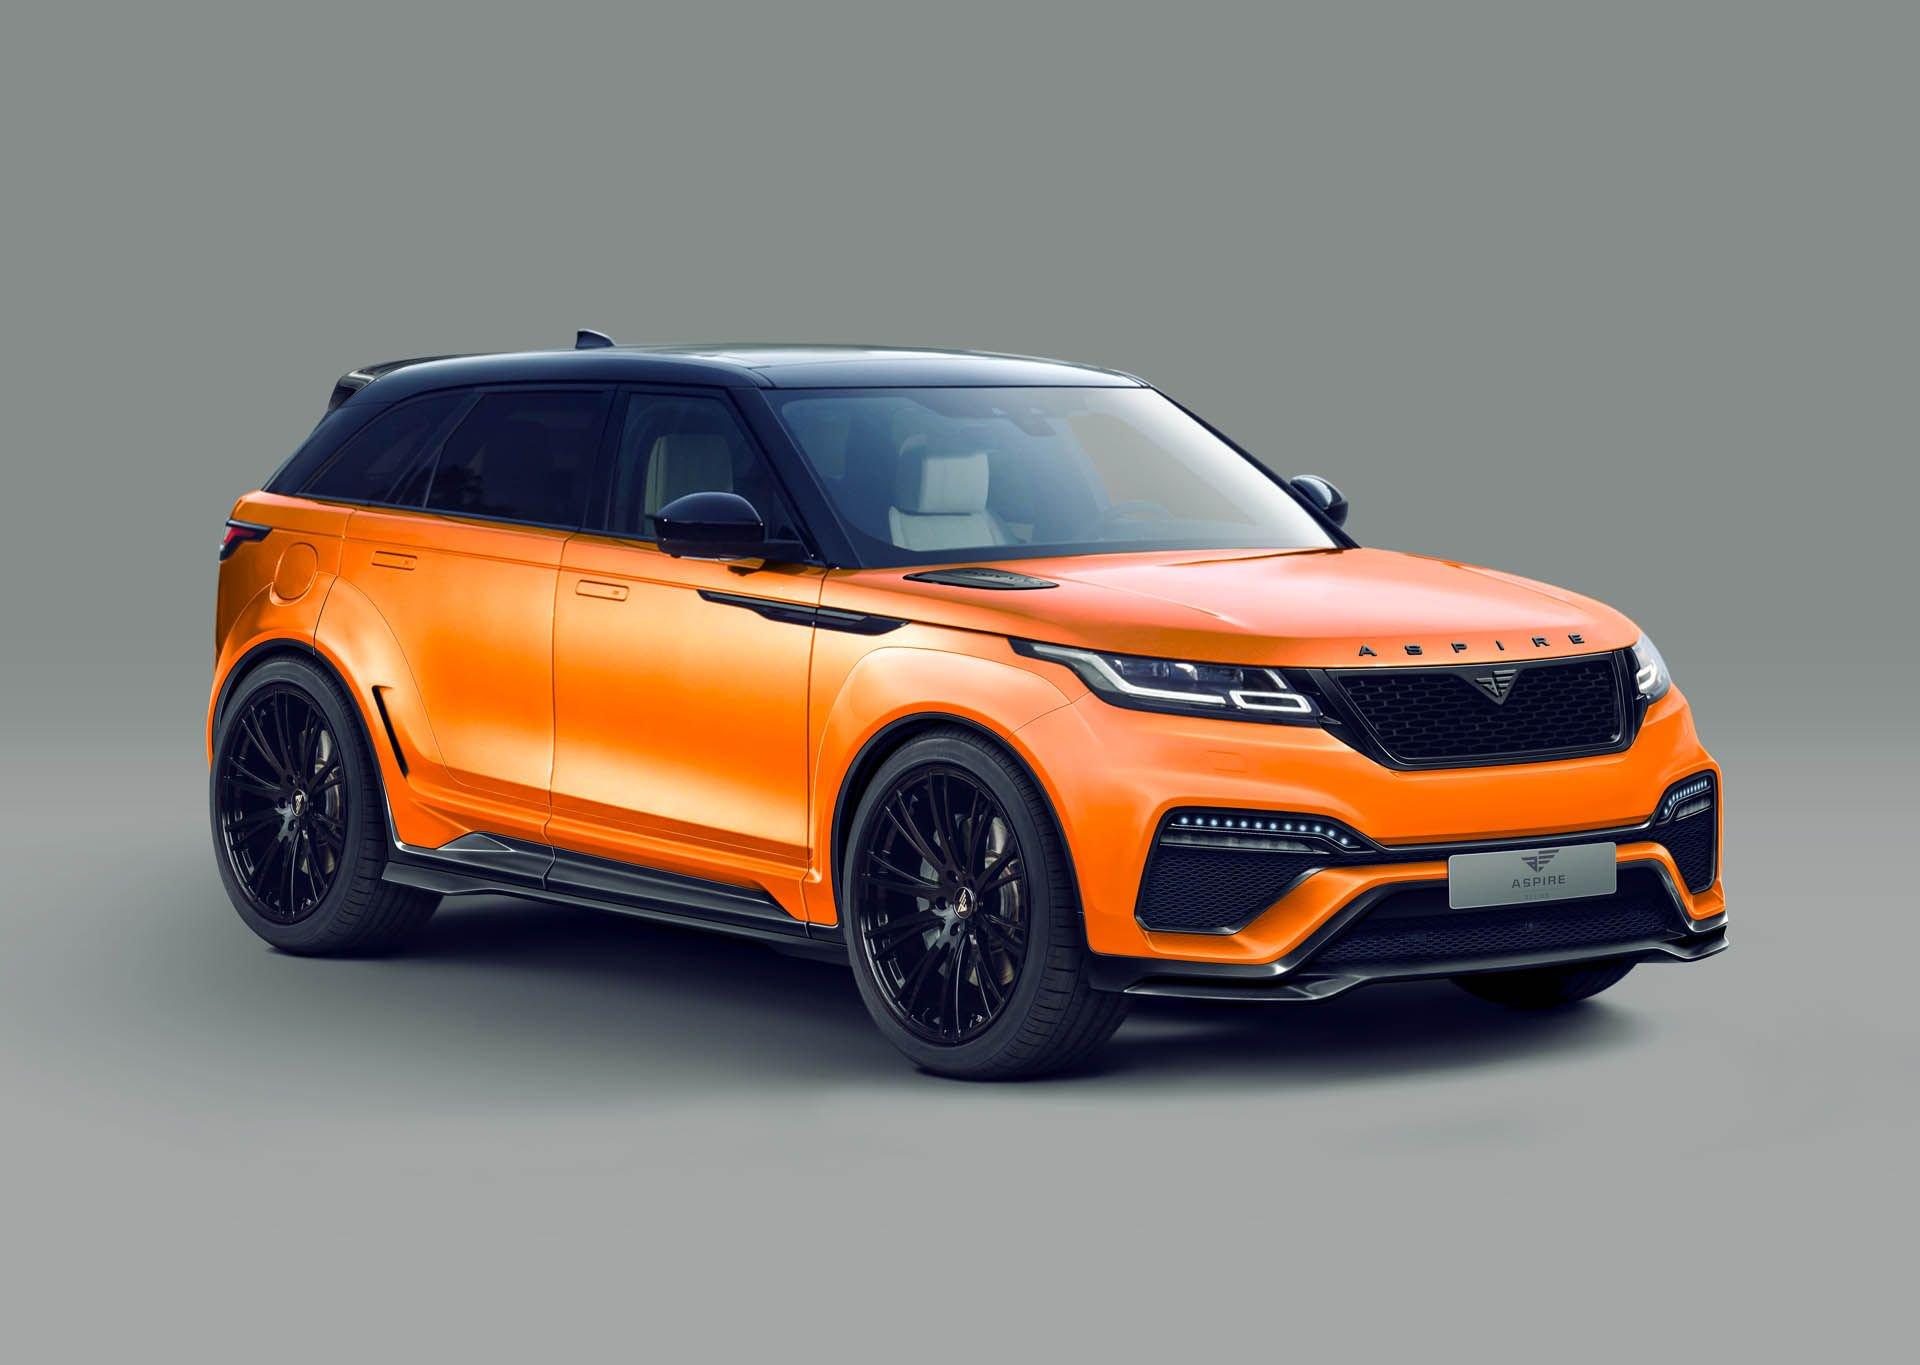 Range Rover Velar by Aspire Design (1)